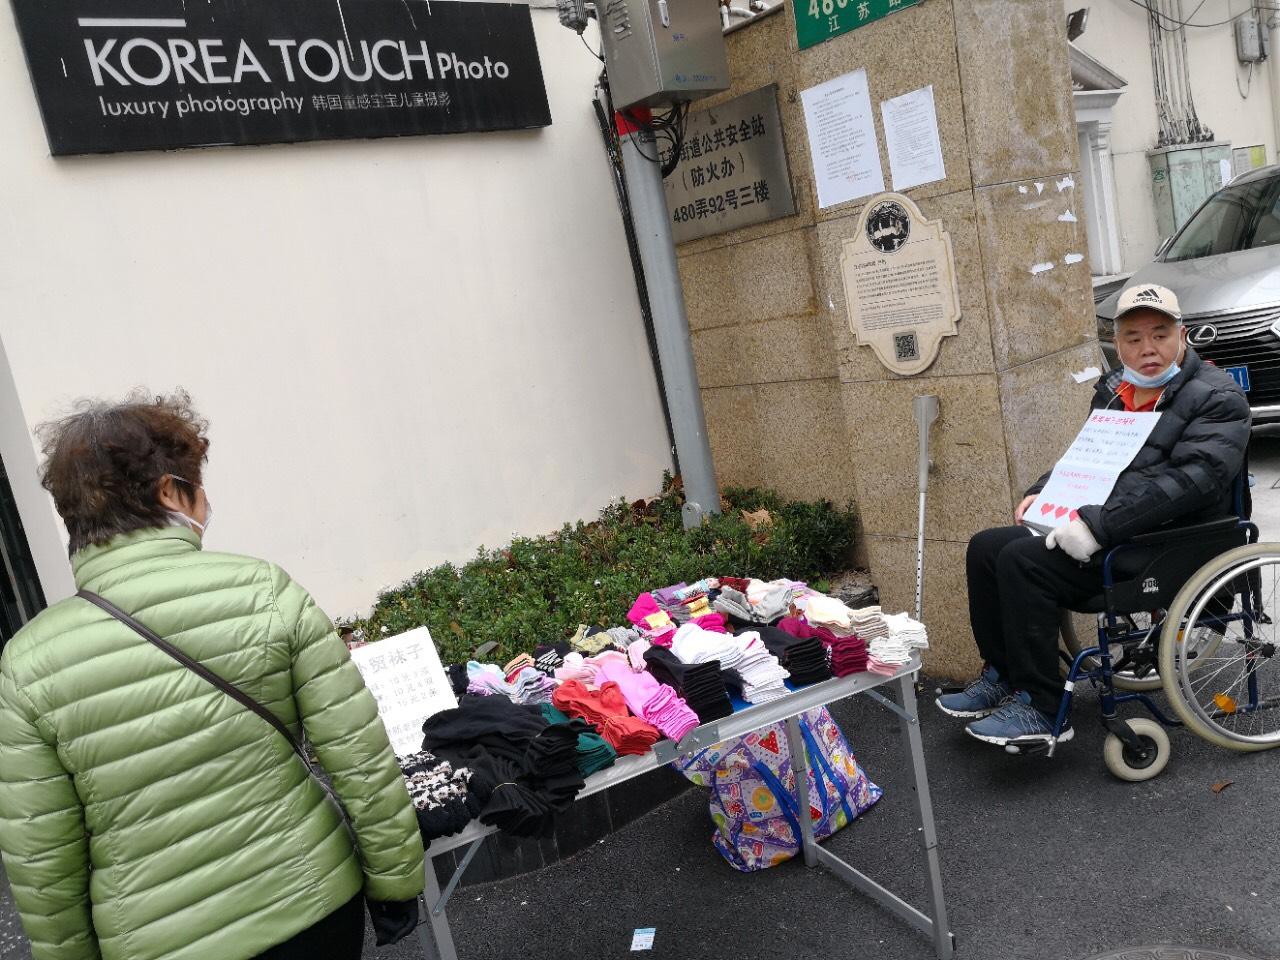 上海王扣瑪被兩次冤獄共四年,獄中致終身殘疾,如今又被停養老金和醫保卡,只能擺攤艱難度日。(受訪者提供)